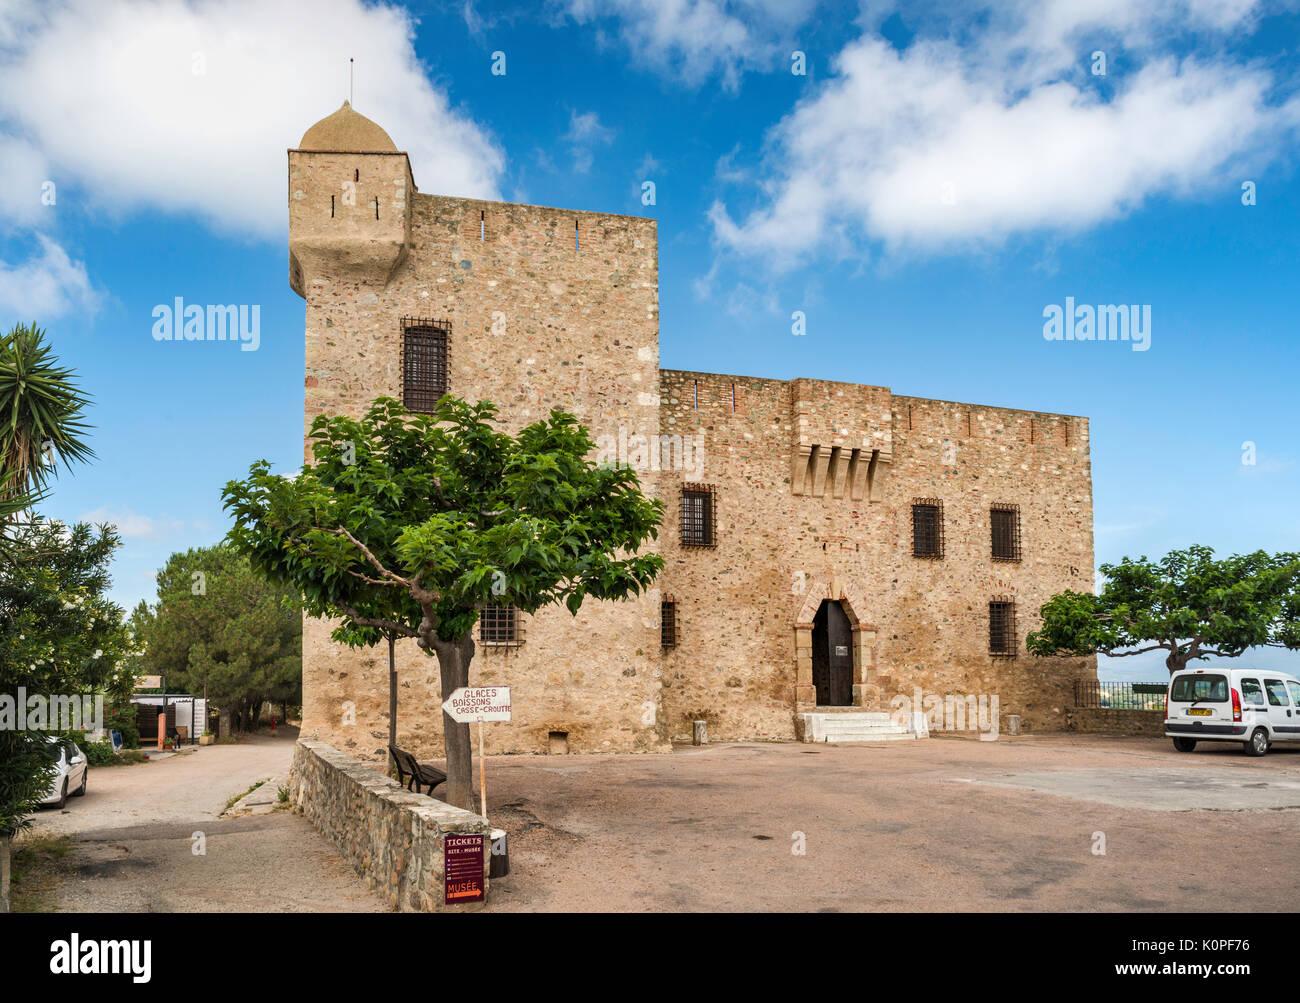 Fort de Matra, forteresse génoise, 15e siècle, siège du Musée, Jerome-Carcopino à Aleria, Haute-Corse, Corse, France Photo Stock